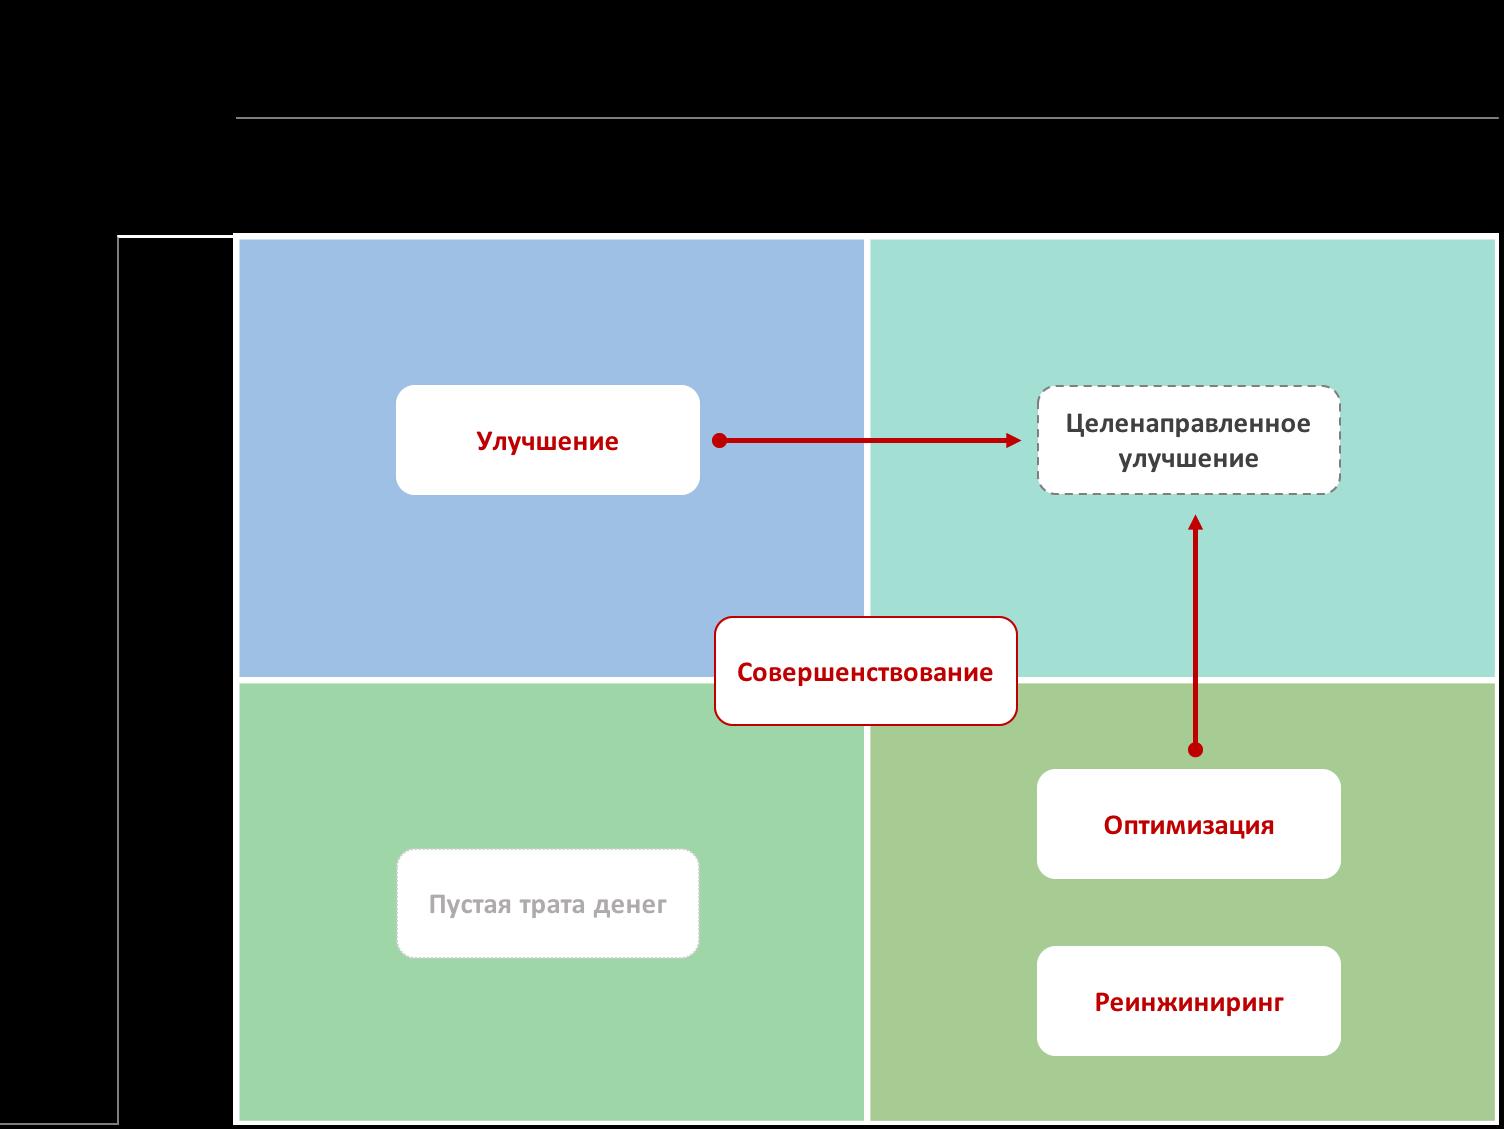 Совершенствование бизнес процессов - Матрица Цель/Реурсы